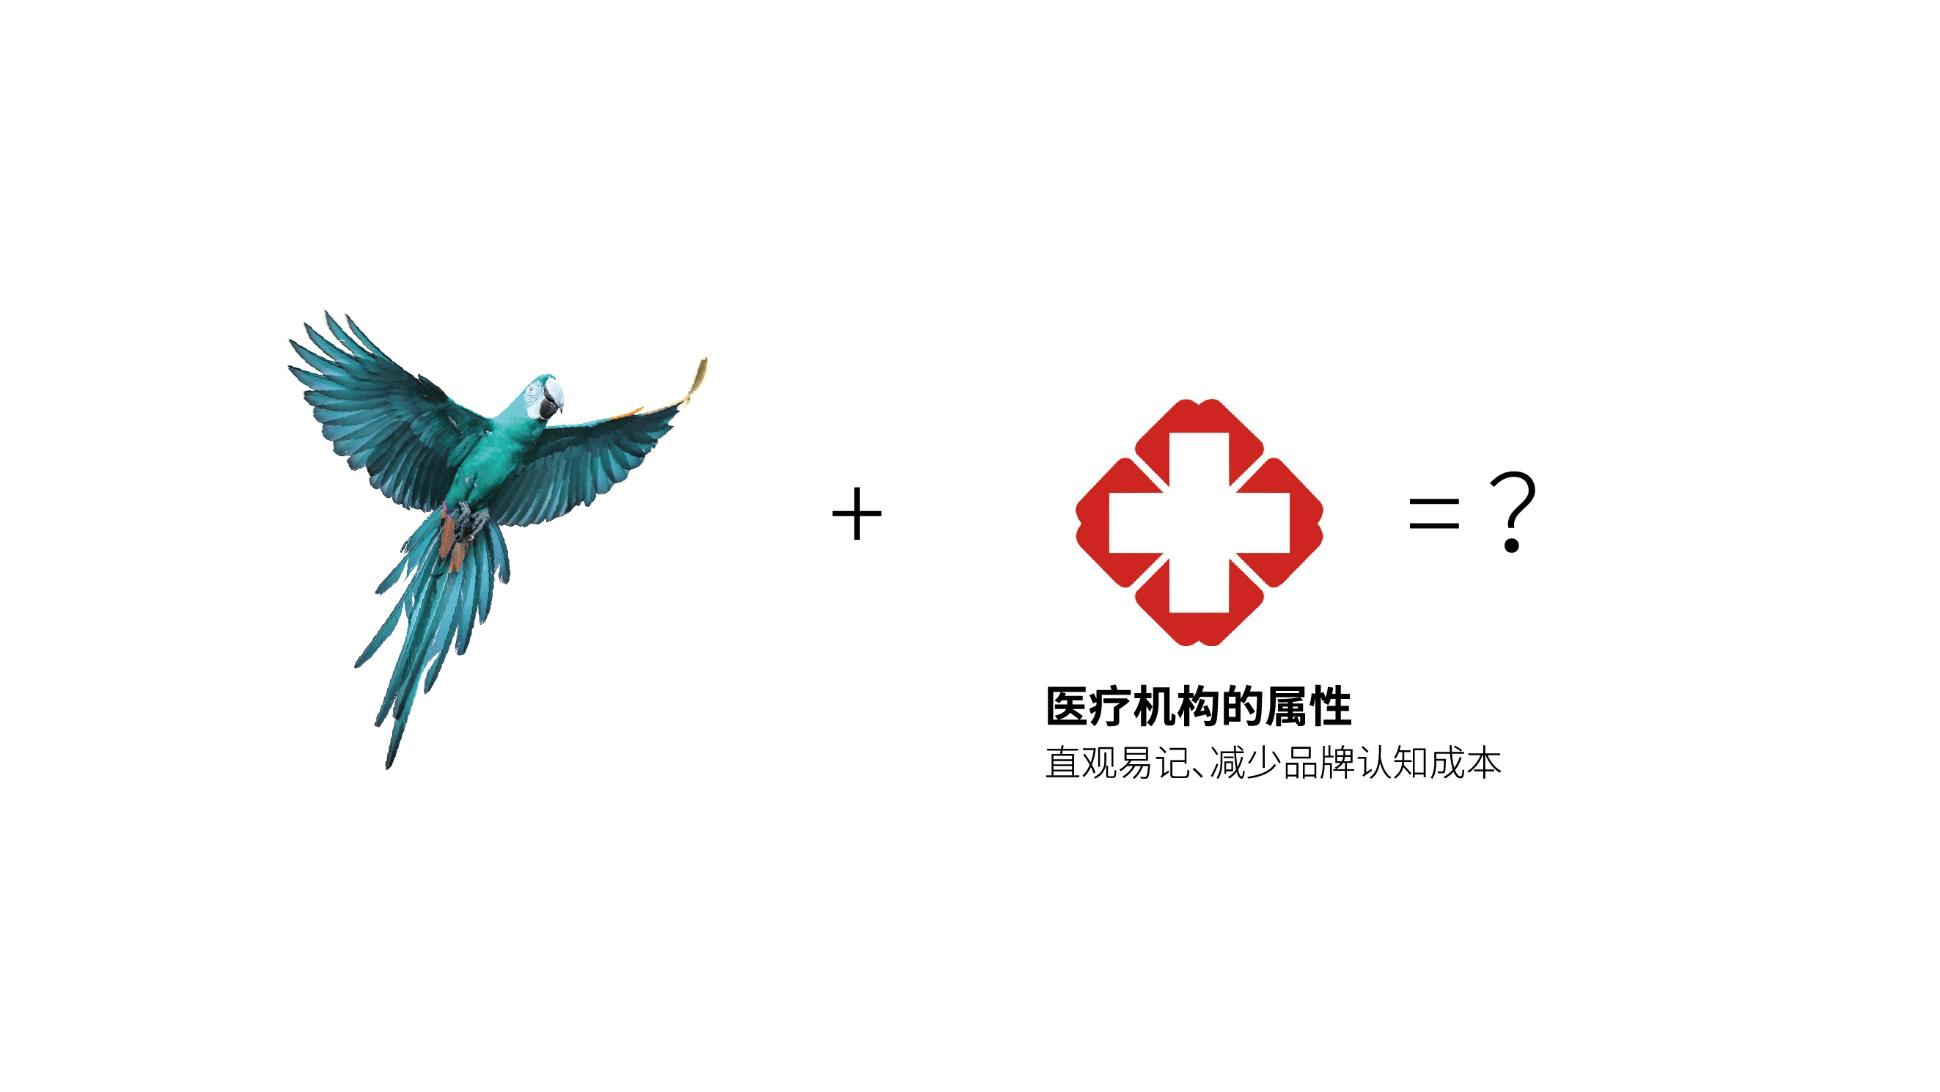 医疗咨询品牌形象设计-璞求医疗LOGO升级